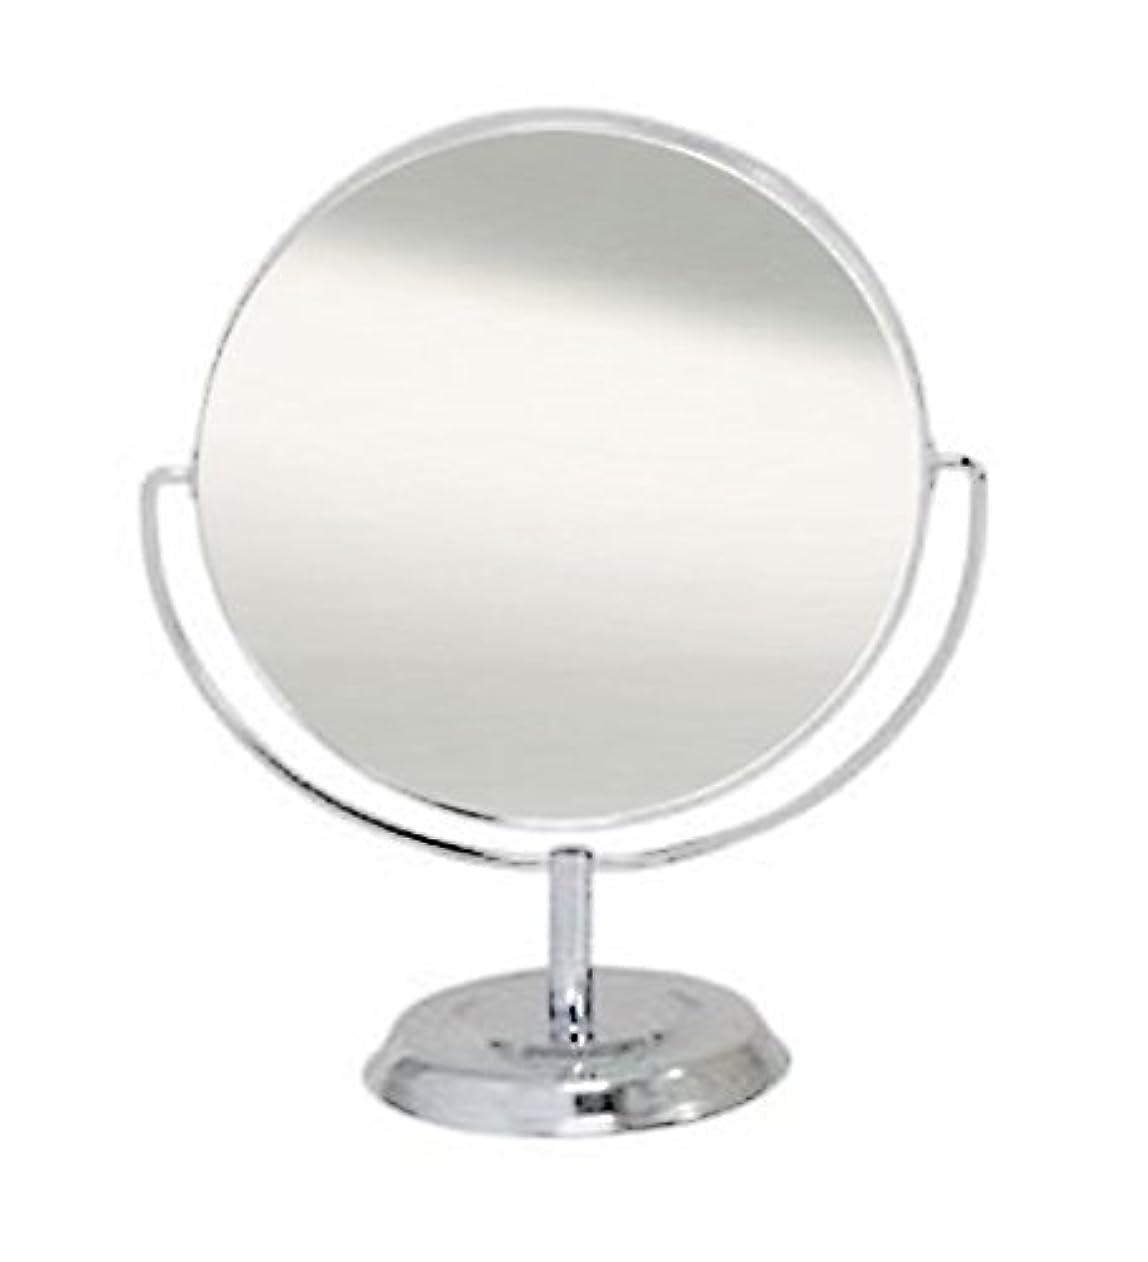 広範囲に在庫暗くする鏡 卓上ミラー 丸型 両面 拡大鏡約2倍付 No.5860 シルバー